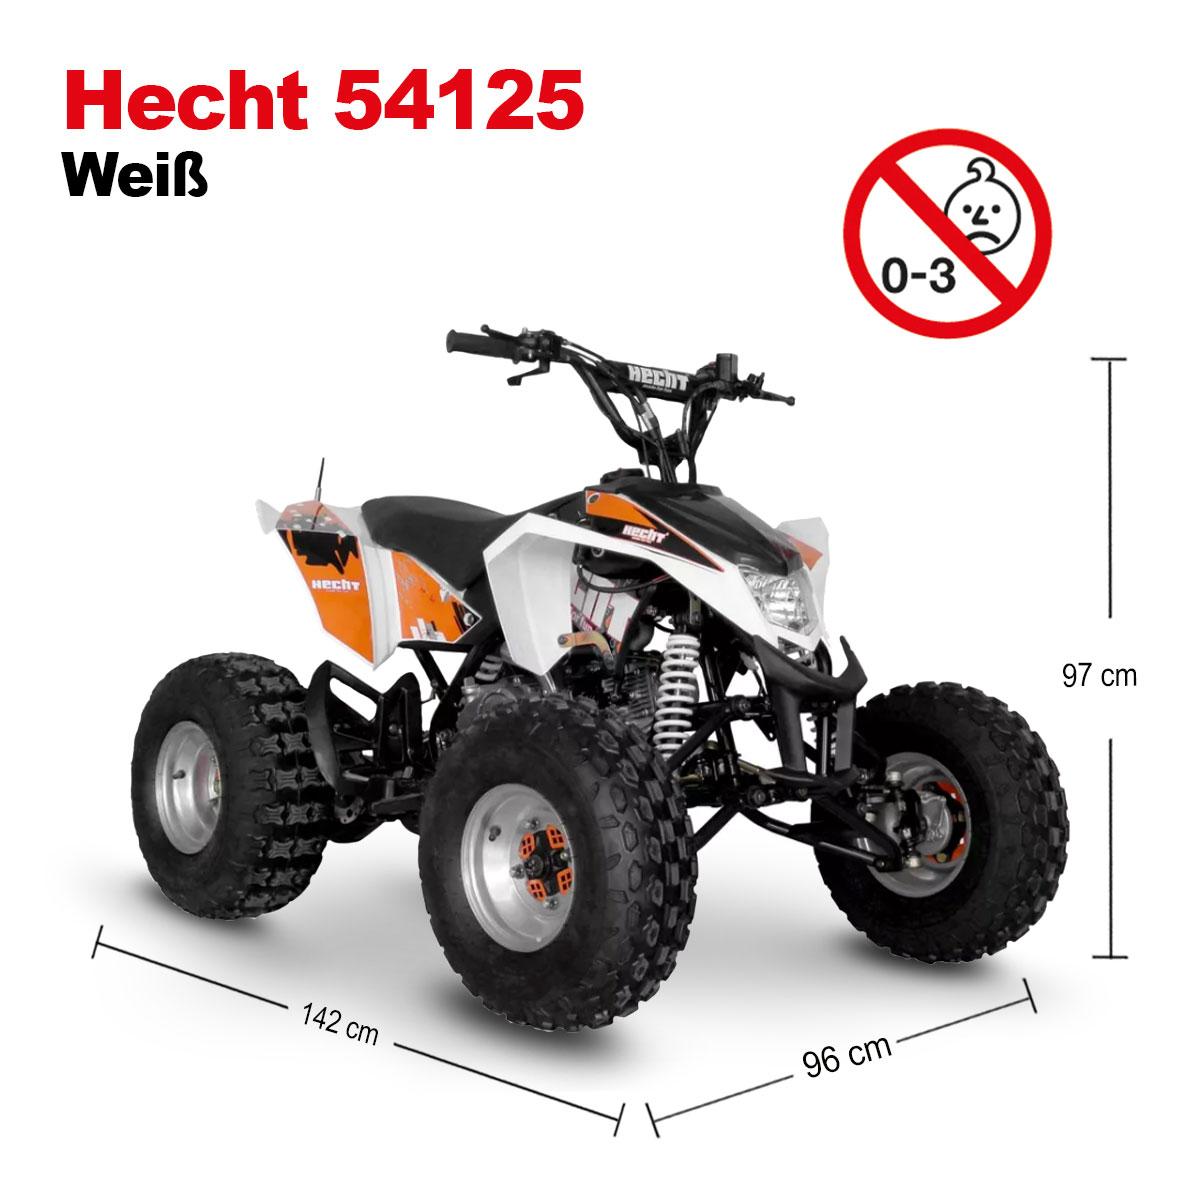 hecht 54125 quad 125ccm 4 takt benzin quad pocketbike kinderquad motocross atv ebay. Black Bedroom Furniture Sets. Home Design Ideas